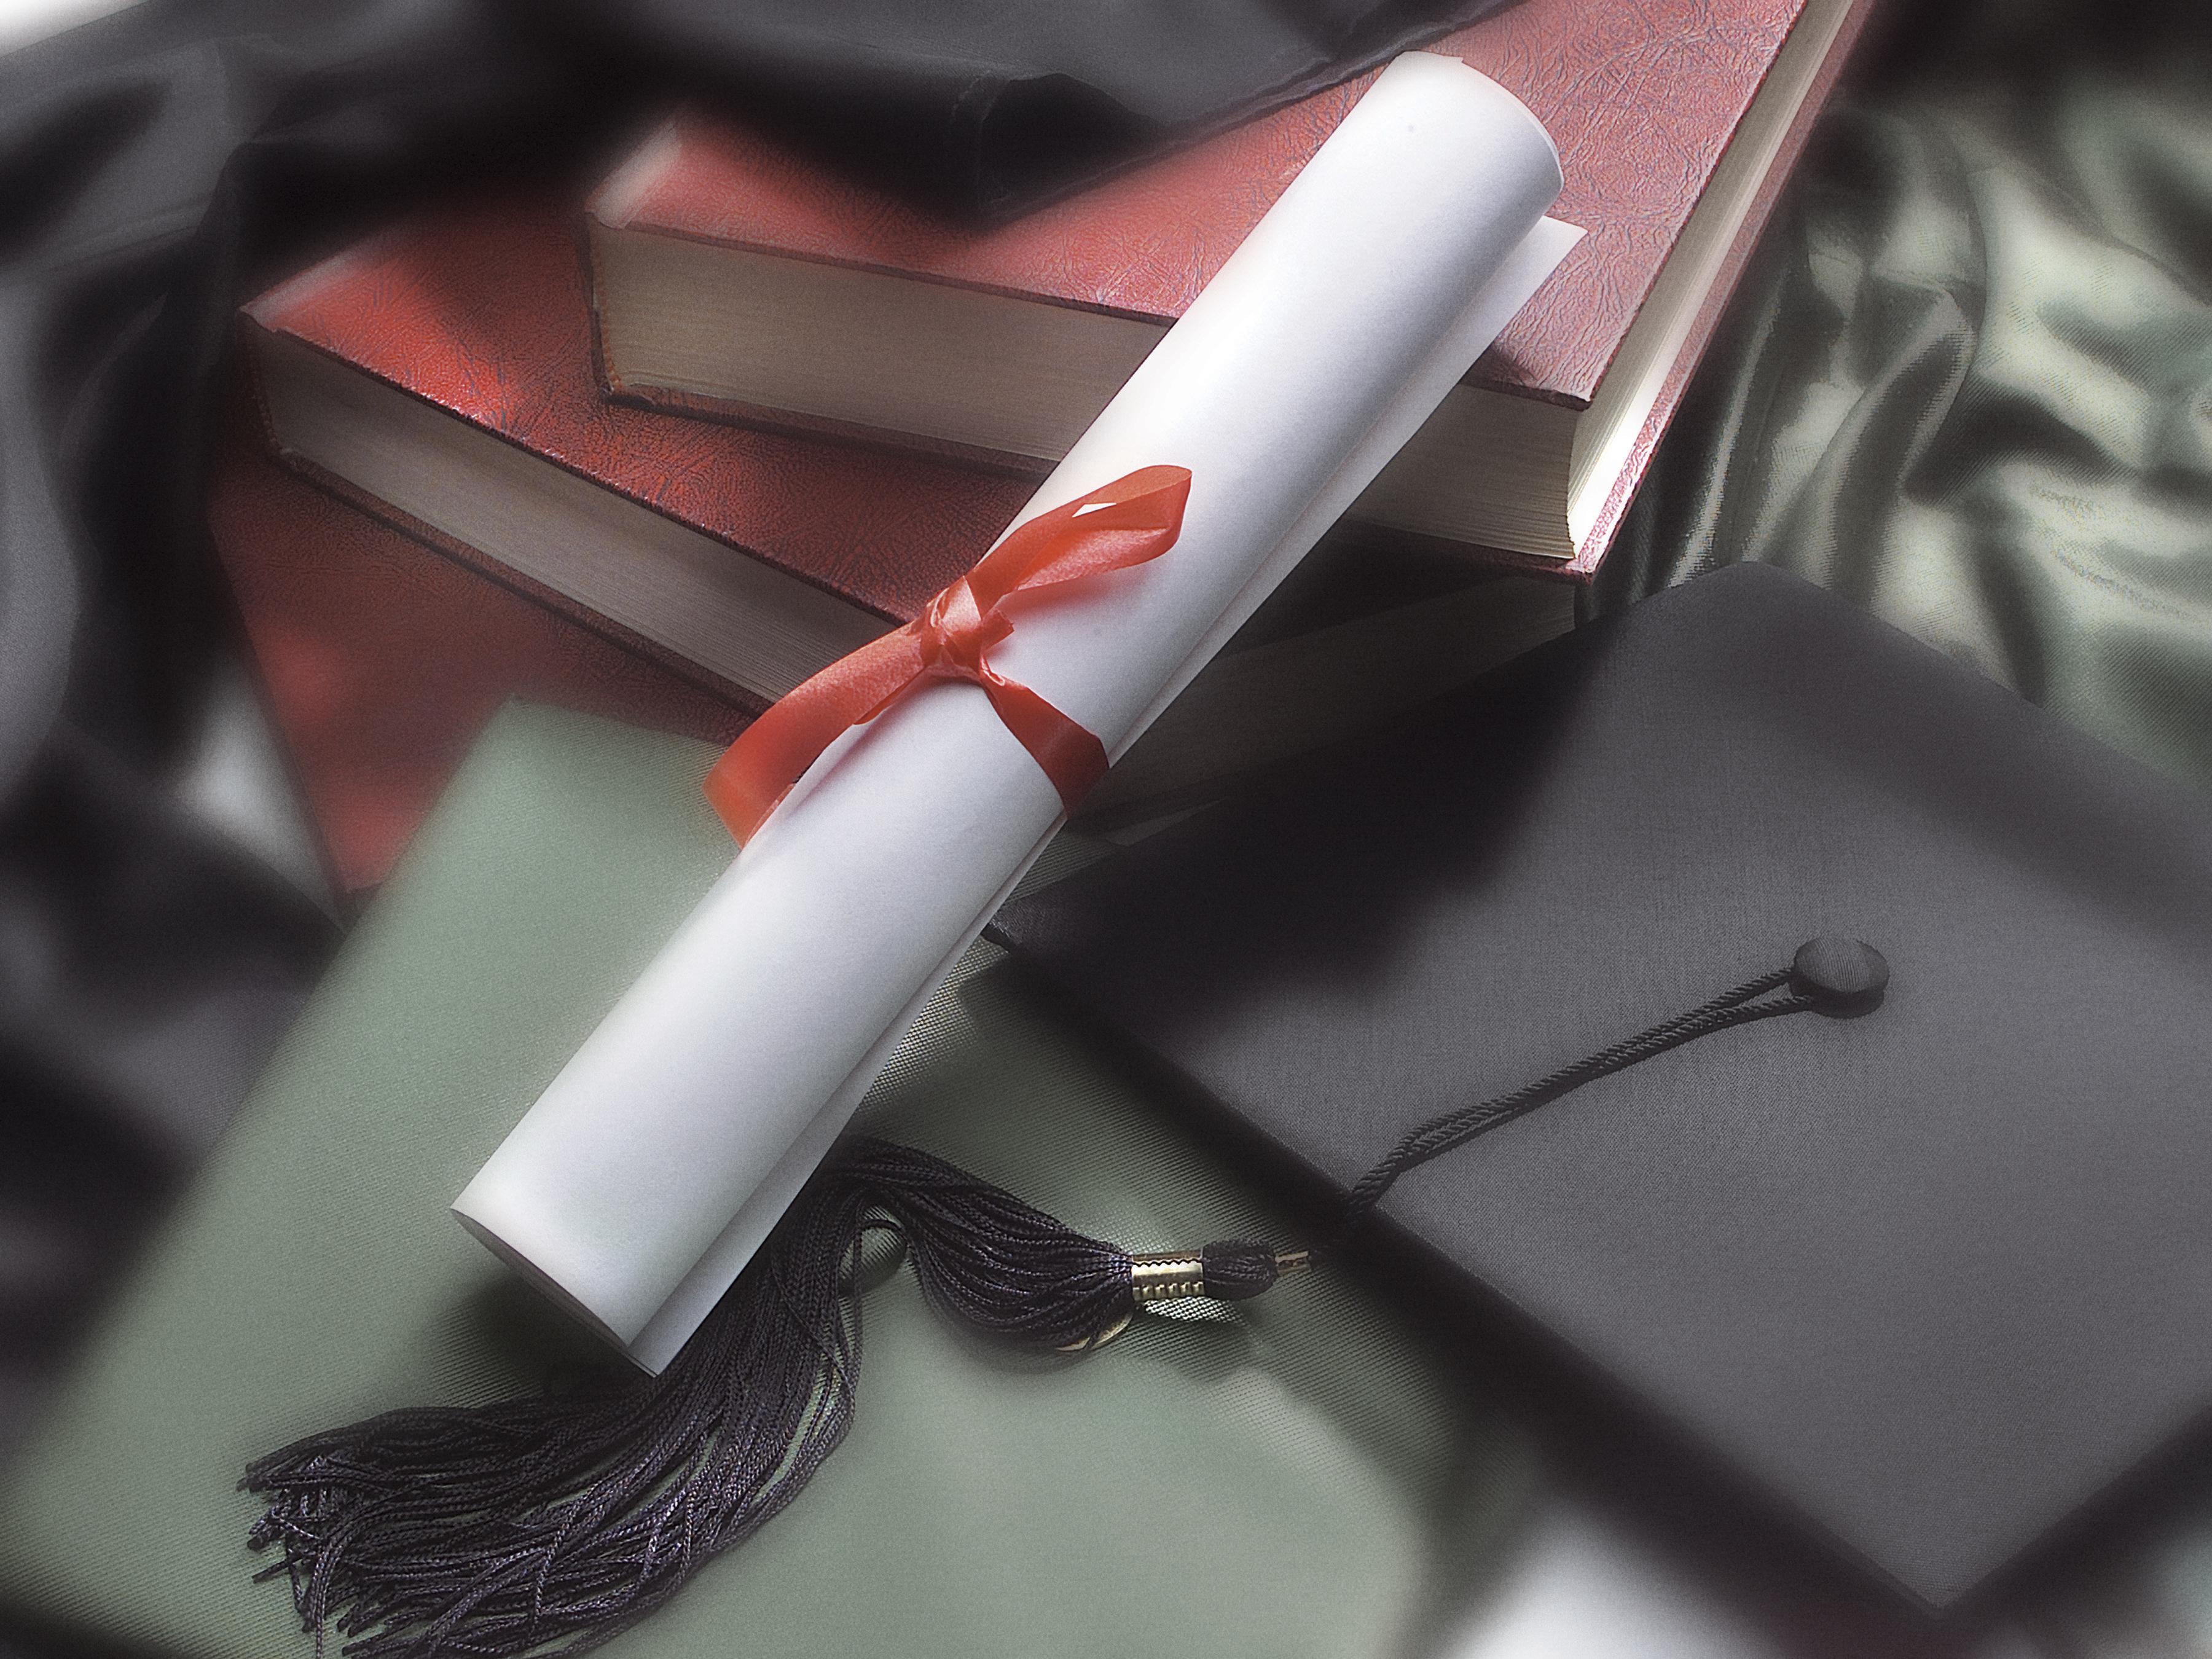 Graduation & Safe Driving | Diploma, graduation cap and ...